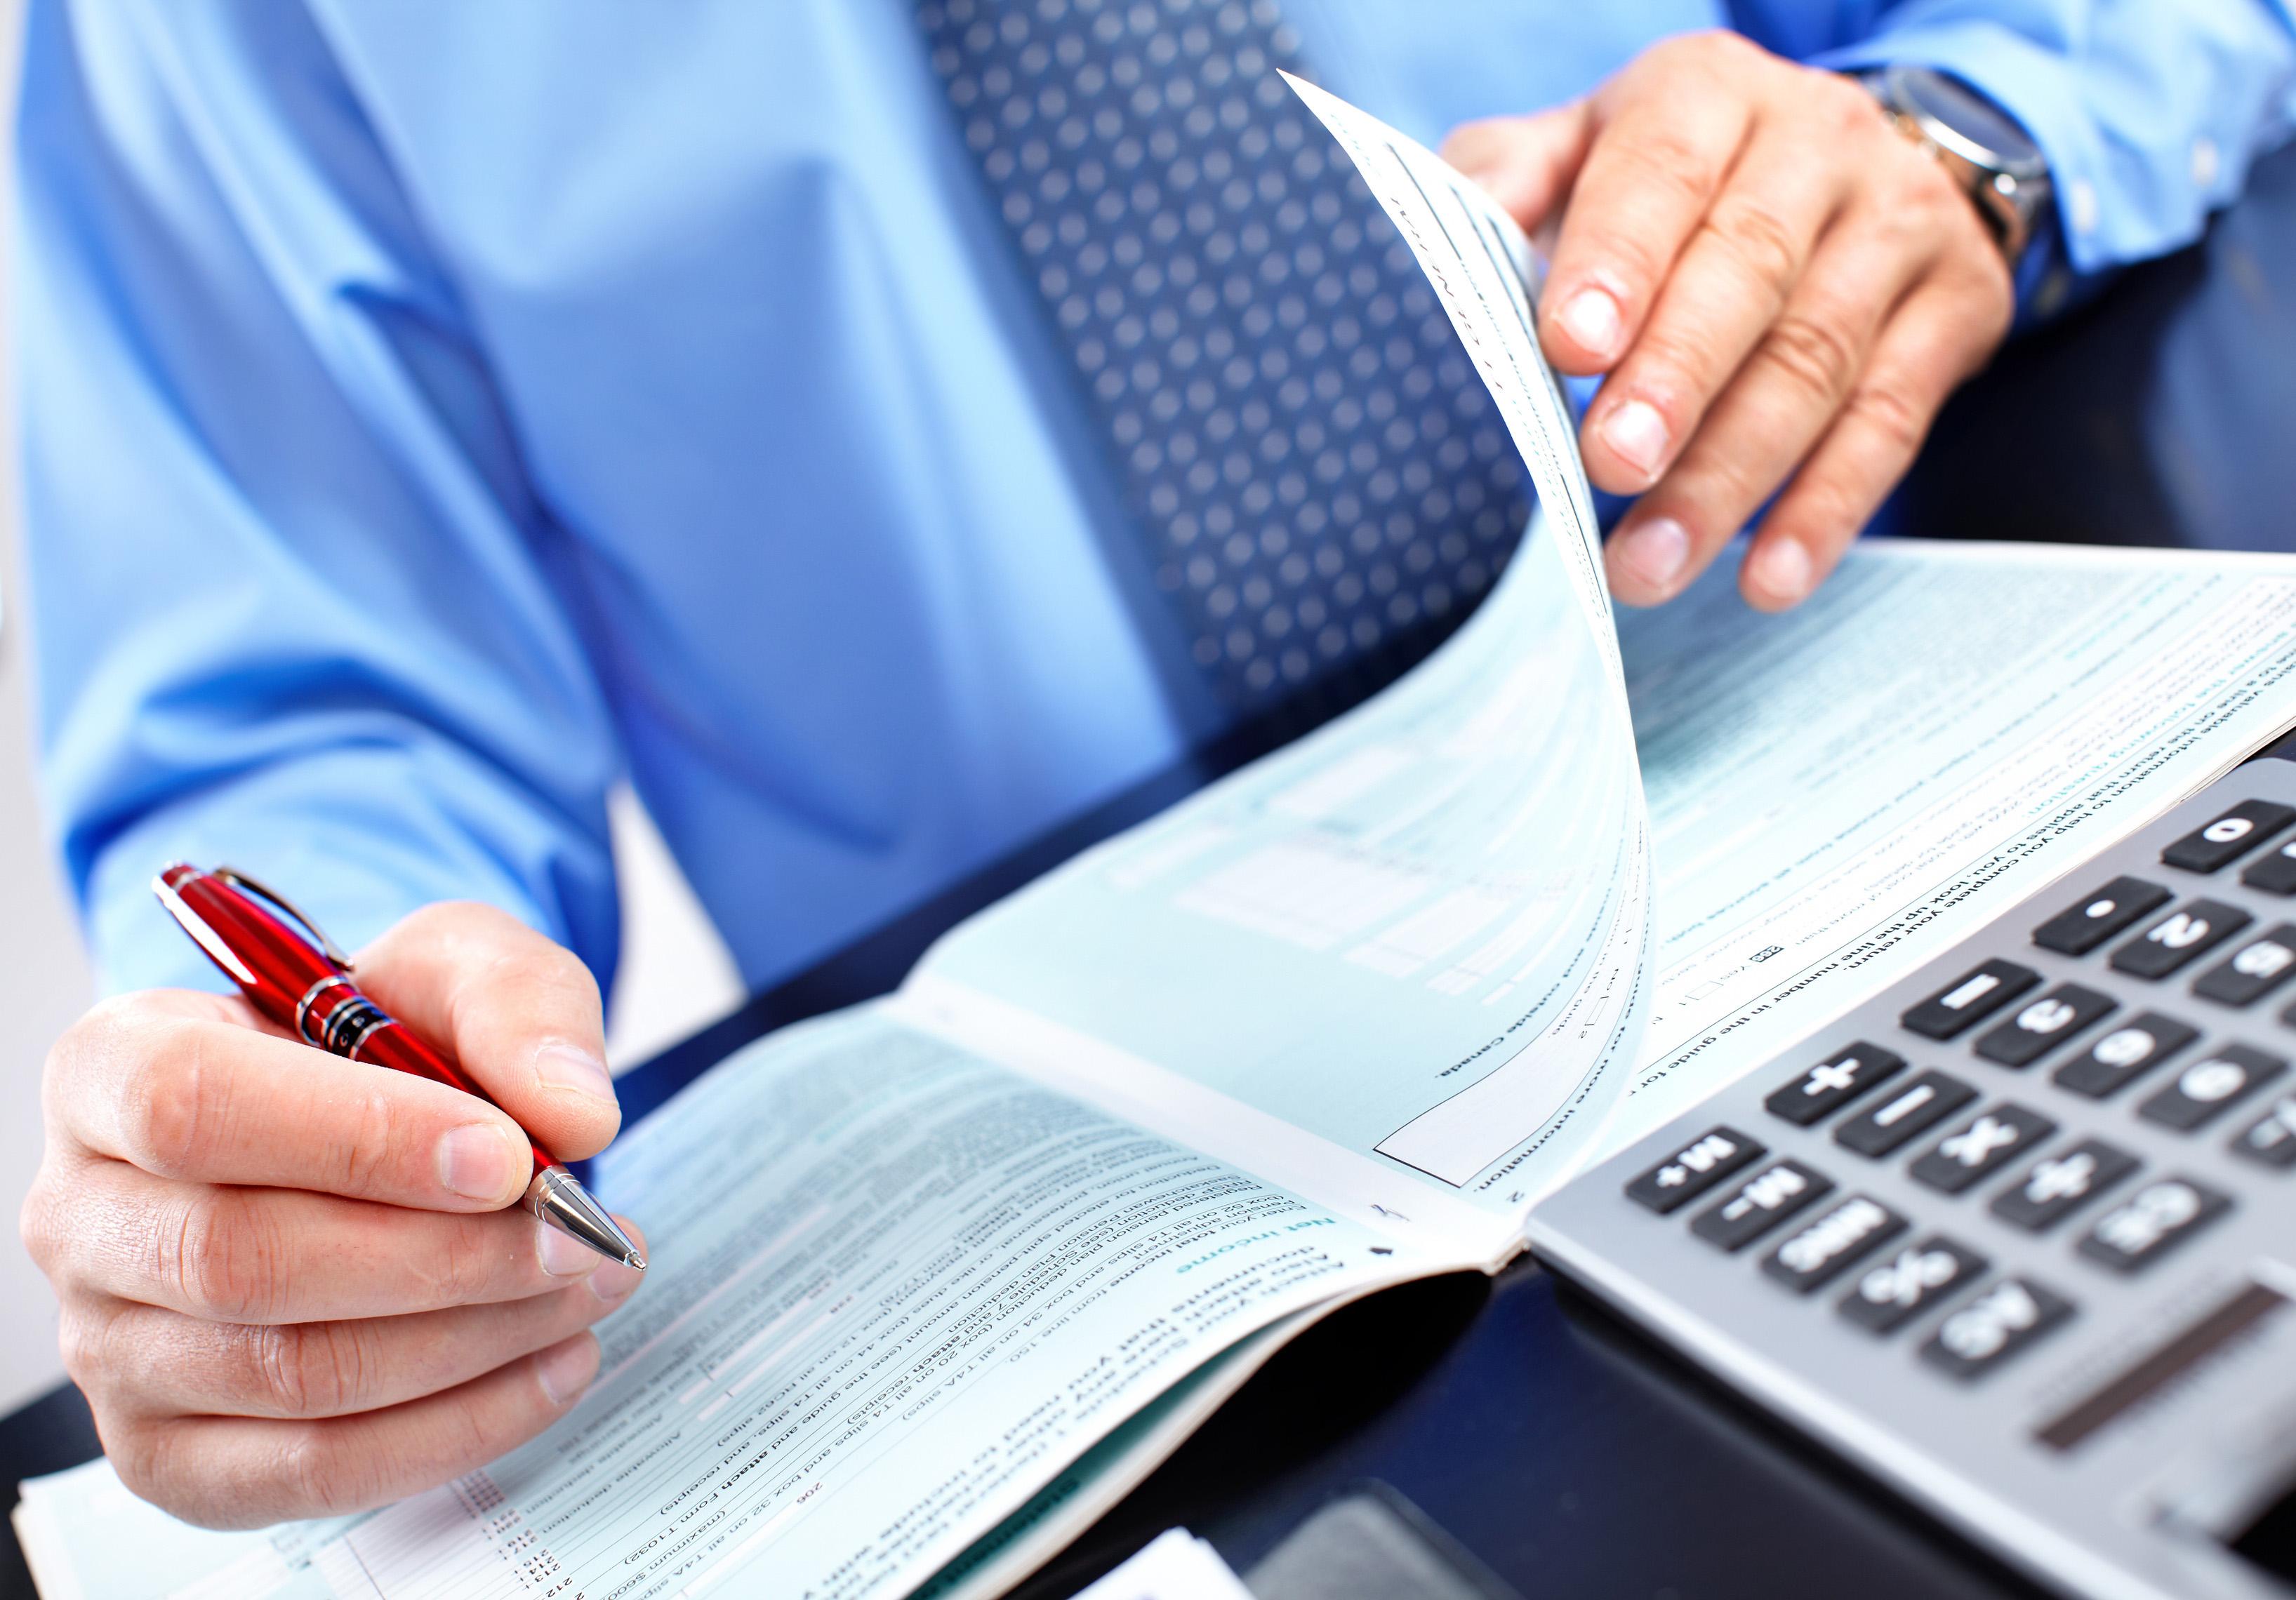 Giải thể doanh nghiệp có cần đăng báo không?